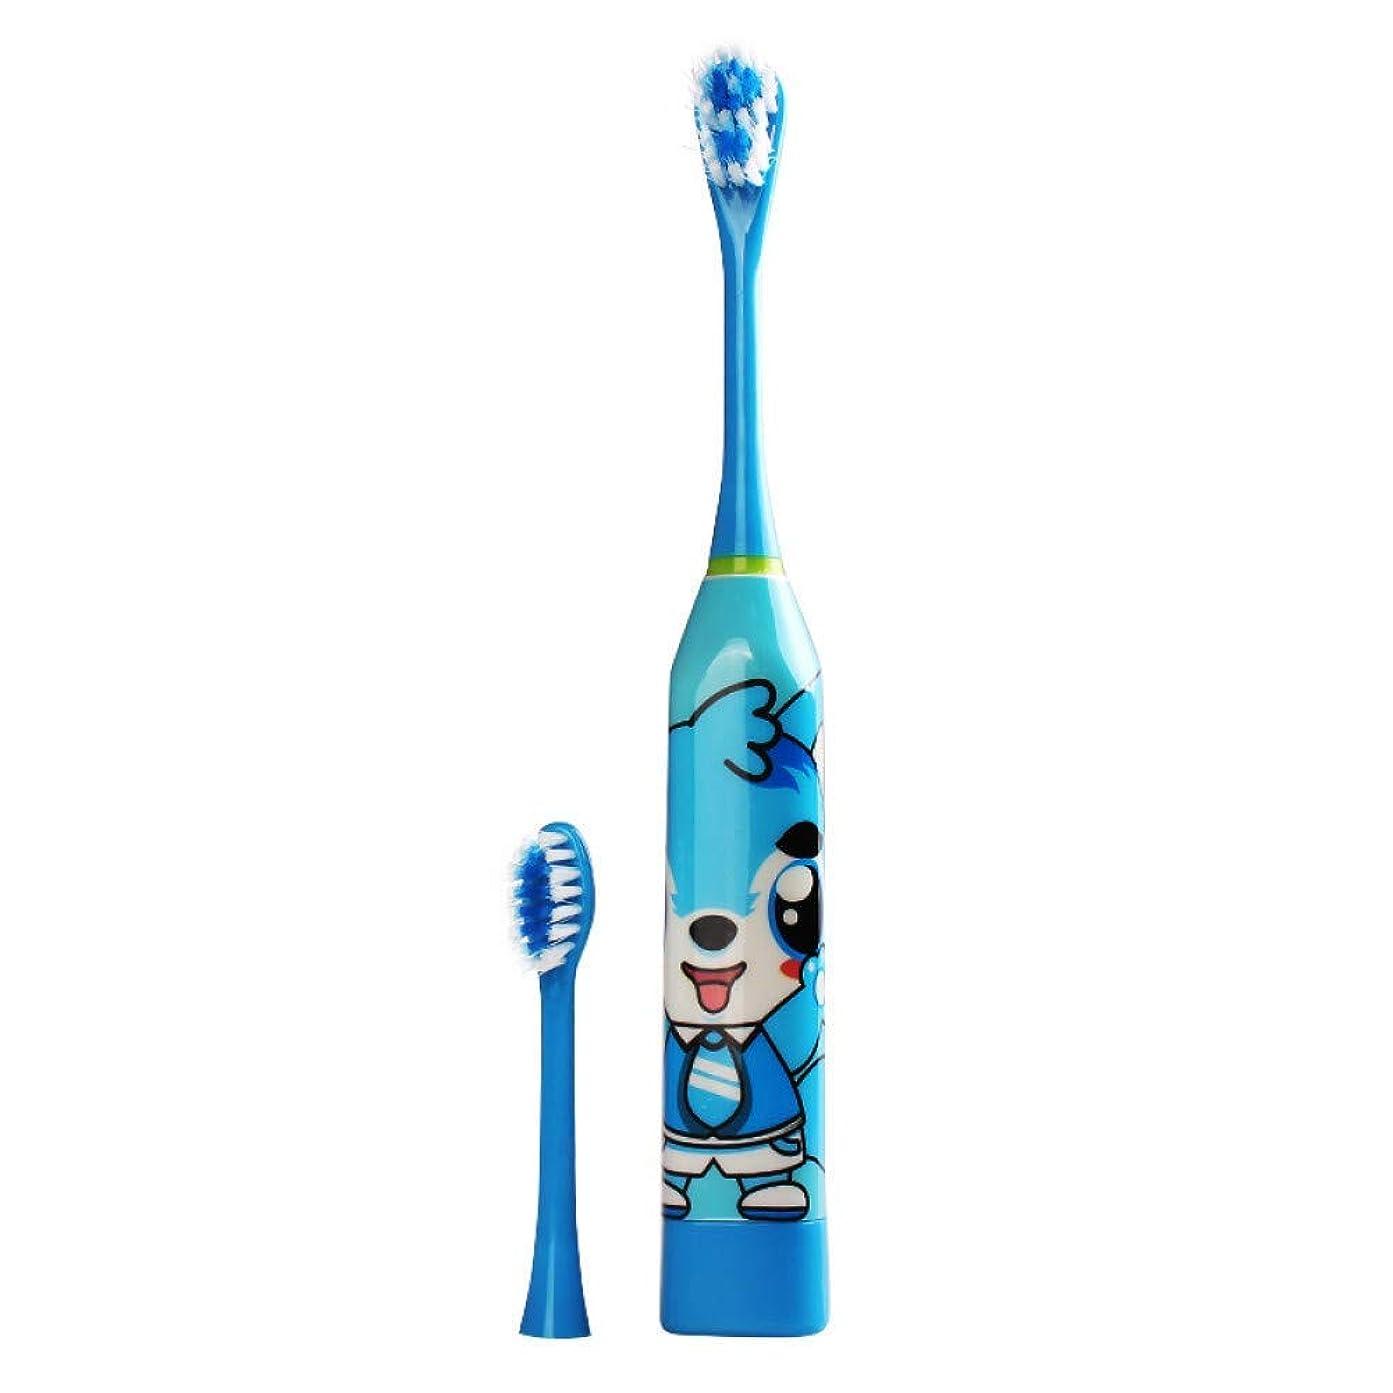 子供漫画パターン電動歯ブラシキッズホームかわいい柔らかい髪の歯ブラシ両面クリーン交換ヘッド、B